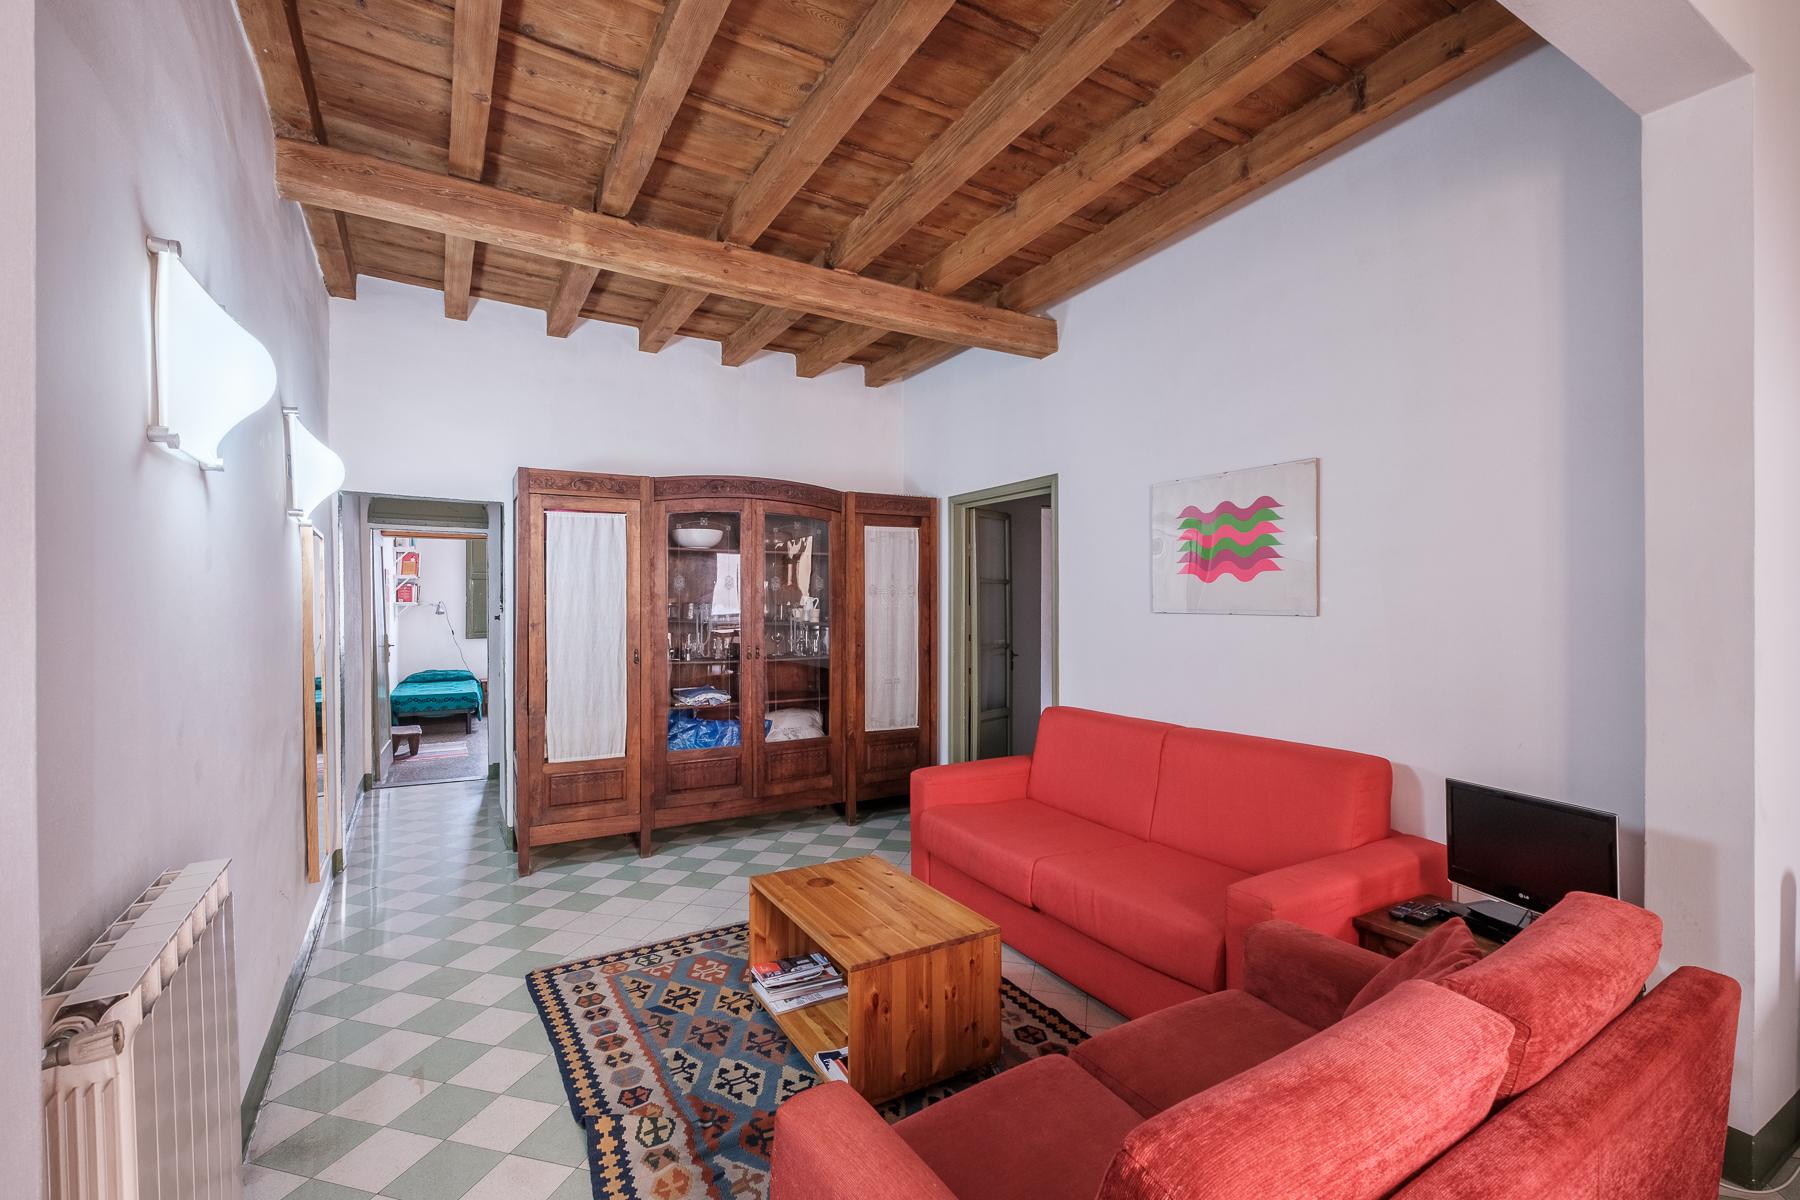 Wohnung für Verkauf beim Characteristic Apartment in Florence city center Via San Zanobi Firenze, Florence 50100 Italien